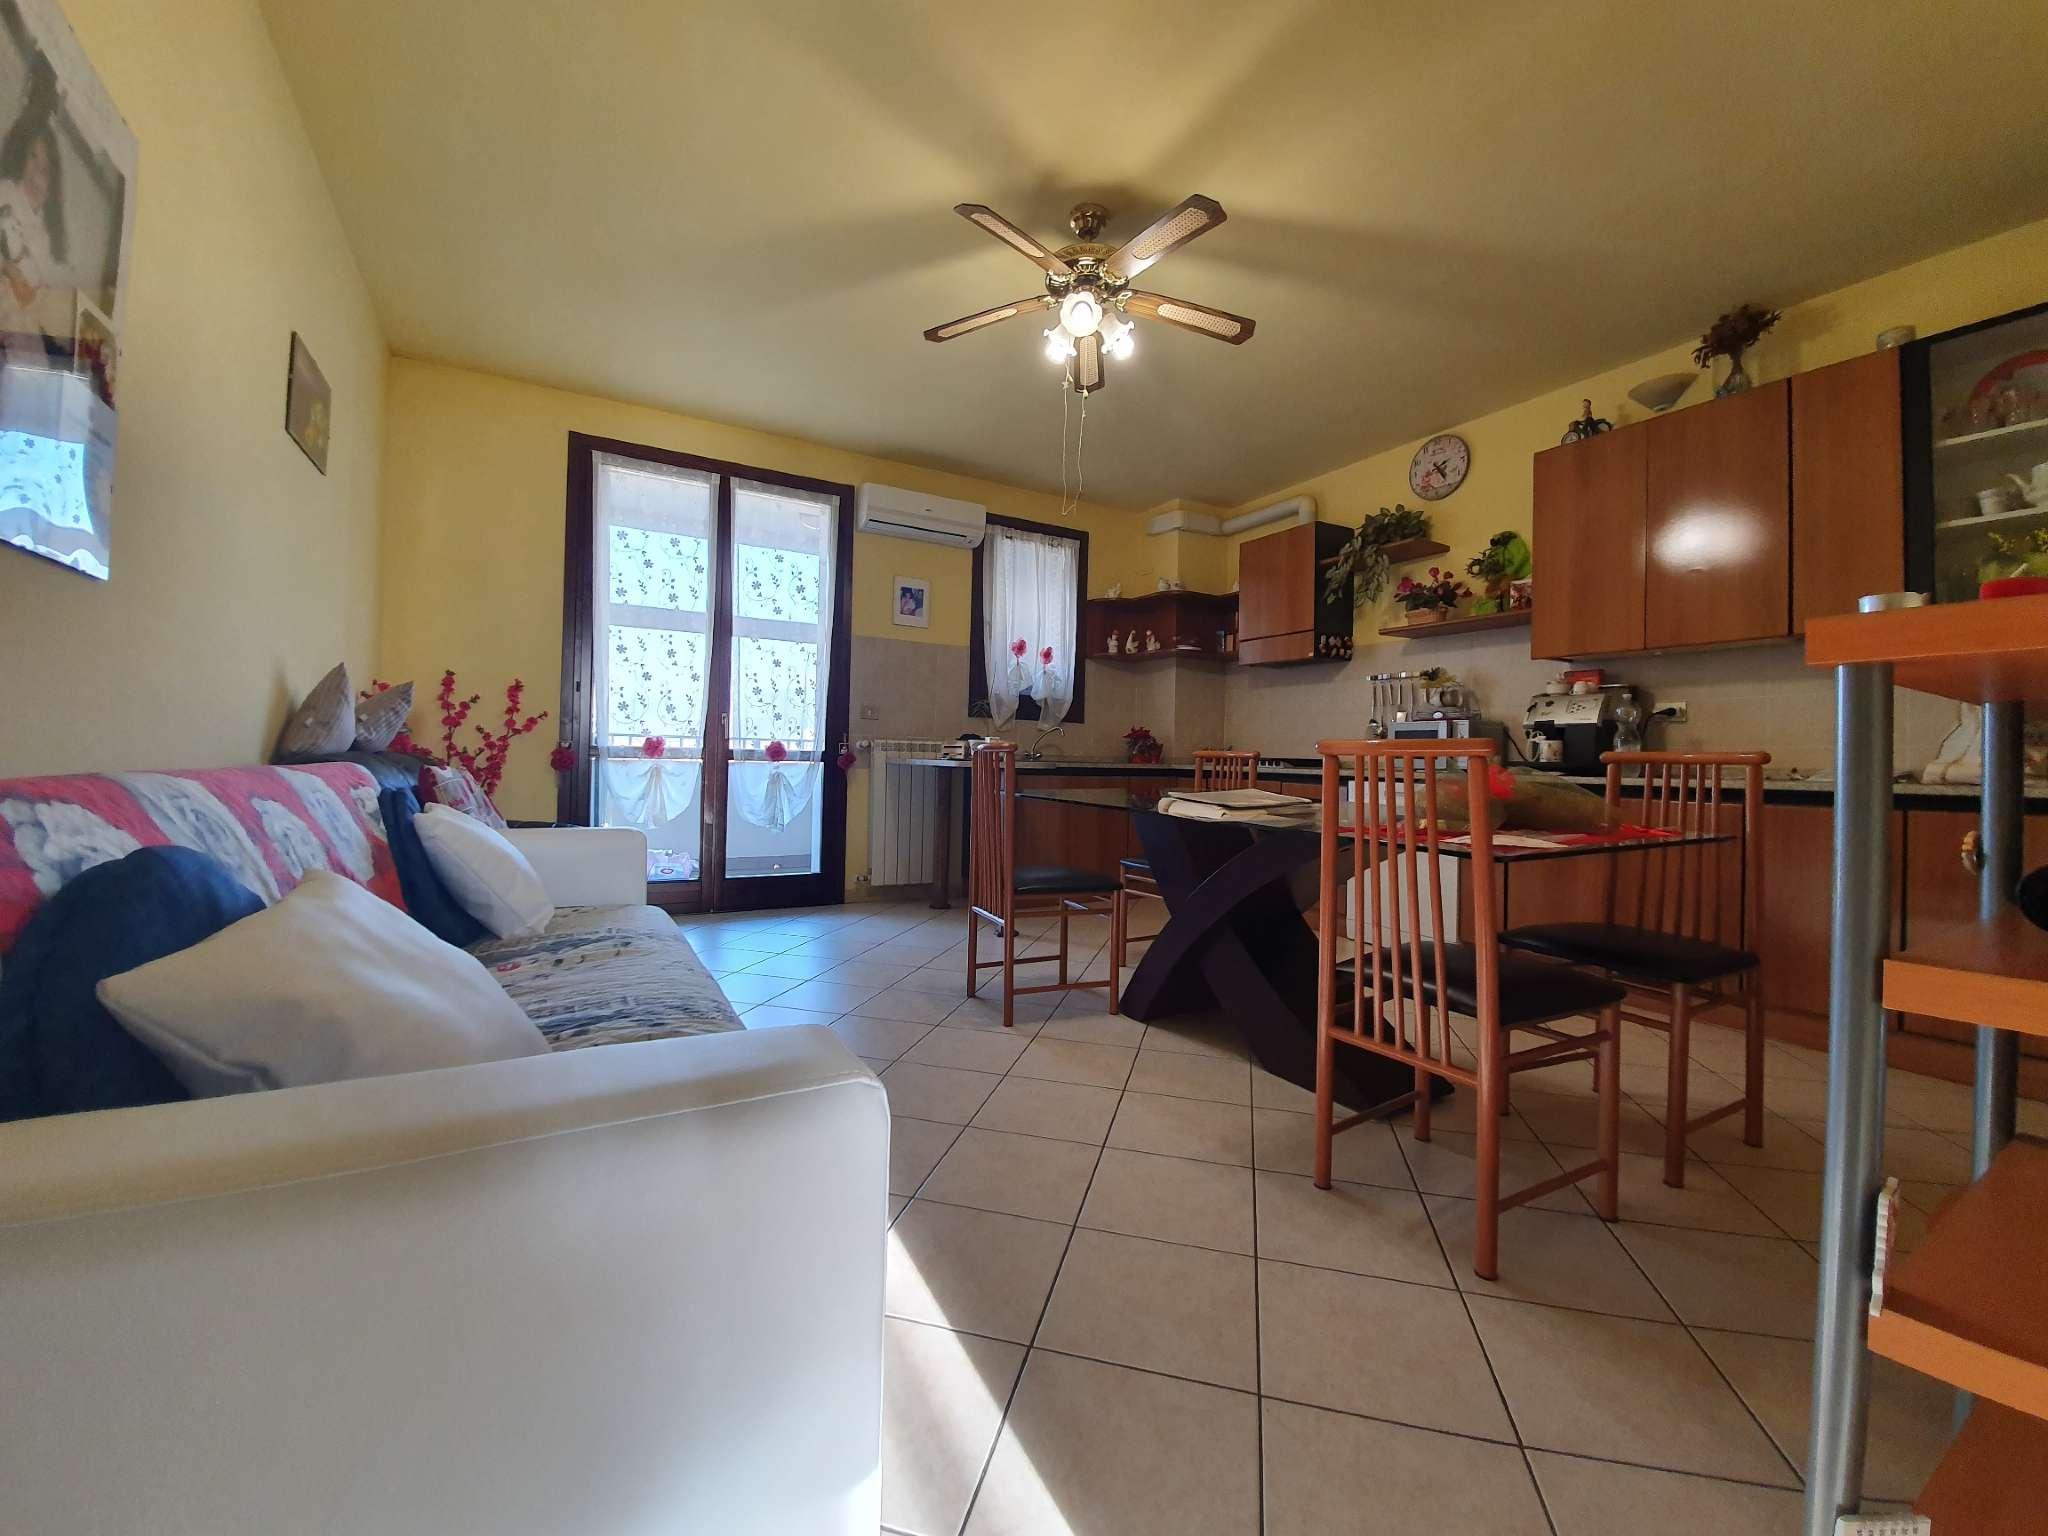 Appartamento in vendita a Monzuno, 3 locali, prezzo € 118.000 | PortaleAgenzieImmobiliari.it